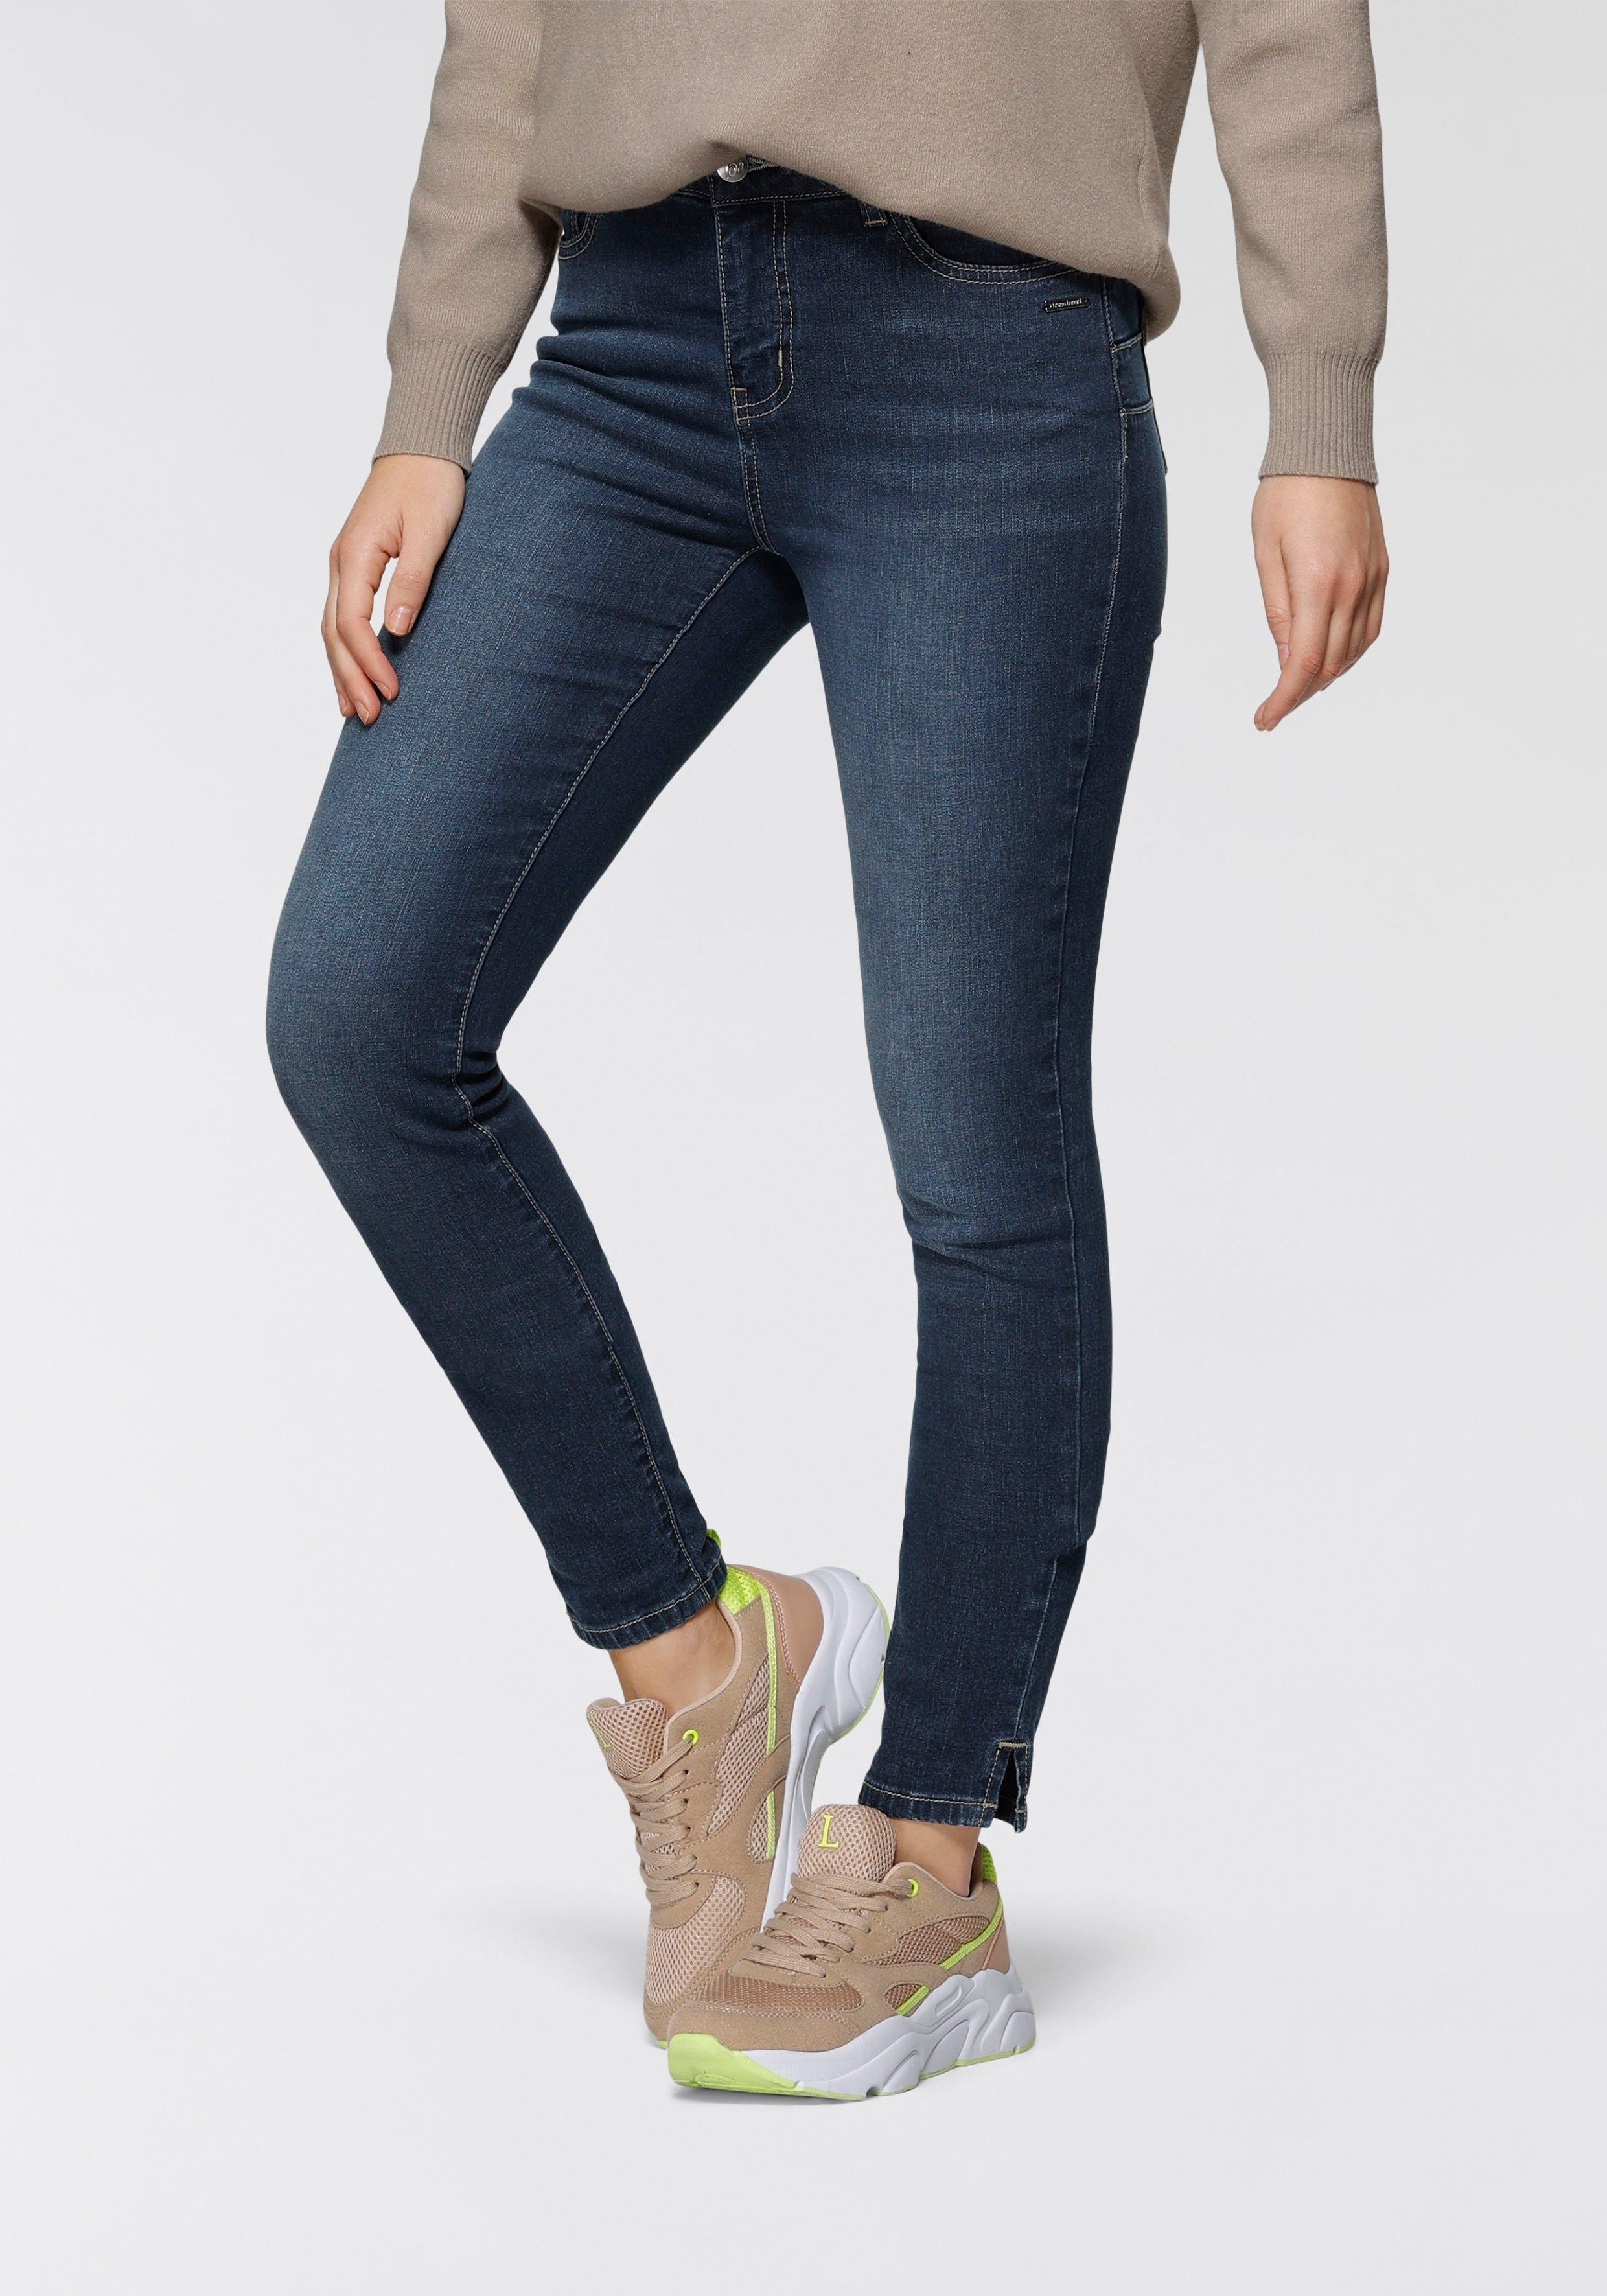 Bruno Banani 7/8 jeans goedkoop op otto.nl kopen